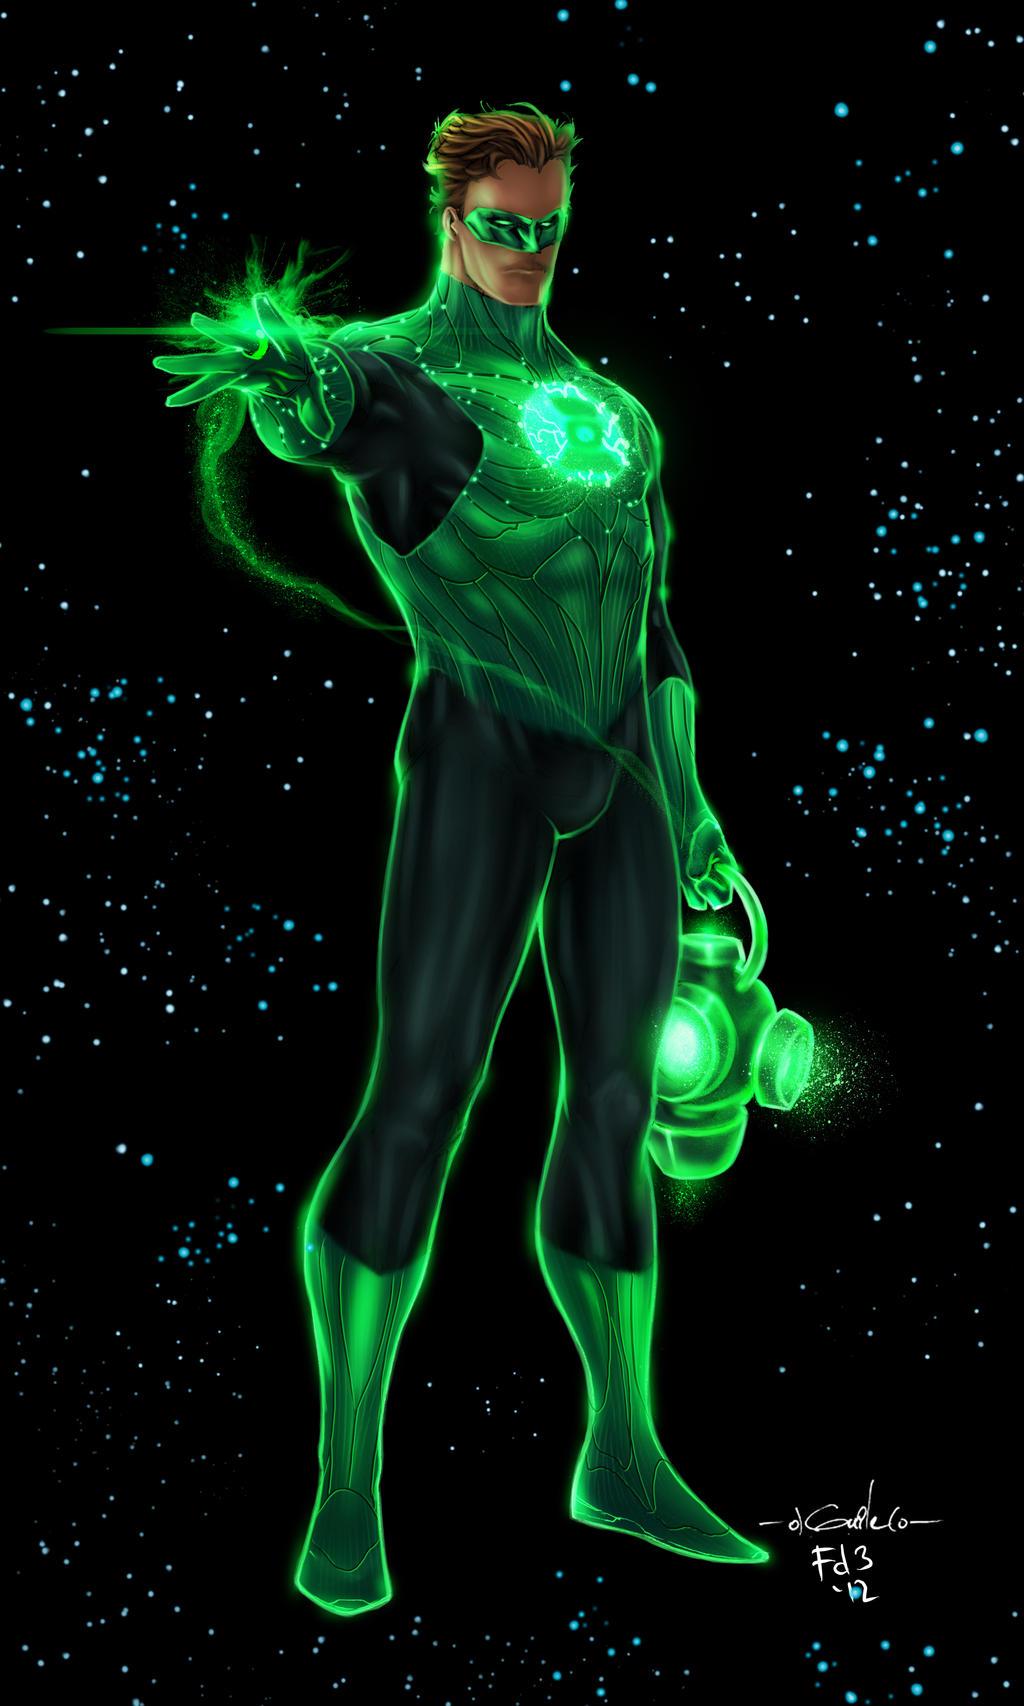 Les images du net - Page 3 Green_lantern_power___chimeraic_color_by_spiderguile-d4rk6ie